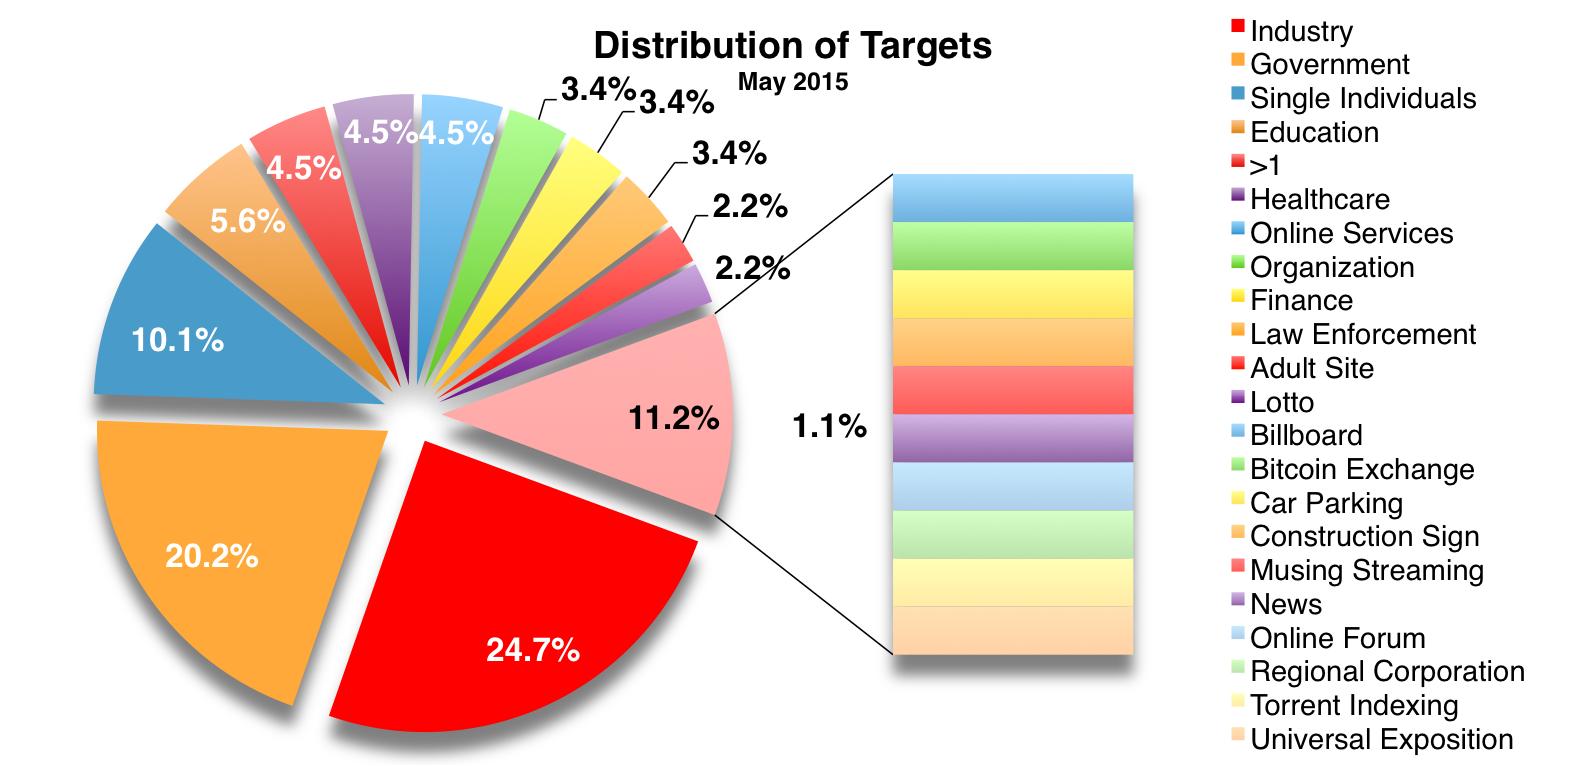 Targets May 2015